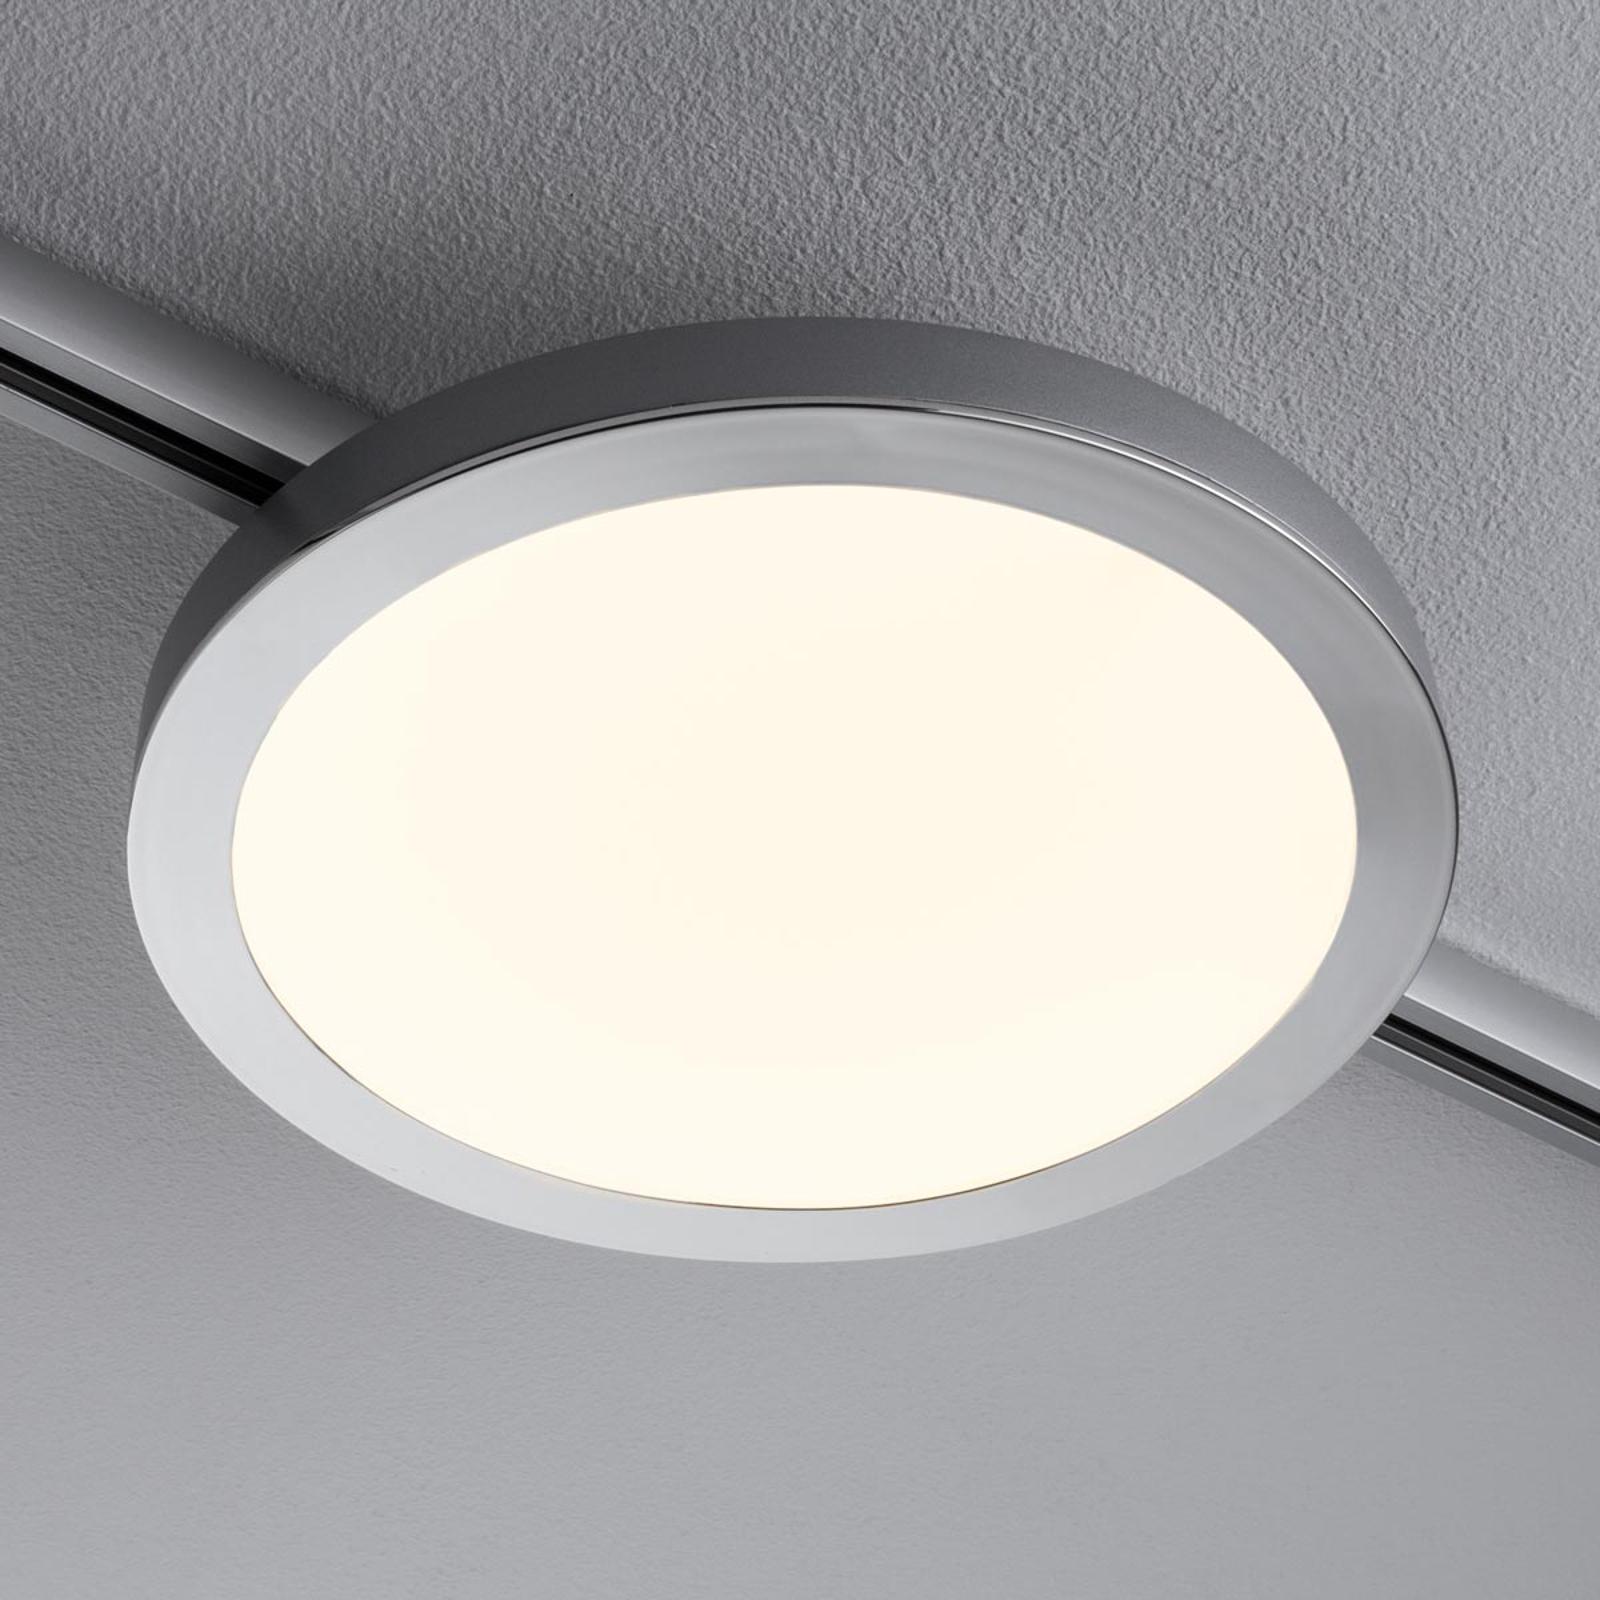 Paulmann URail Spin pannello LED cromo opaco Illuminazione per interni